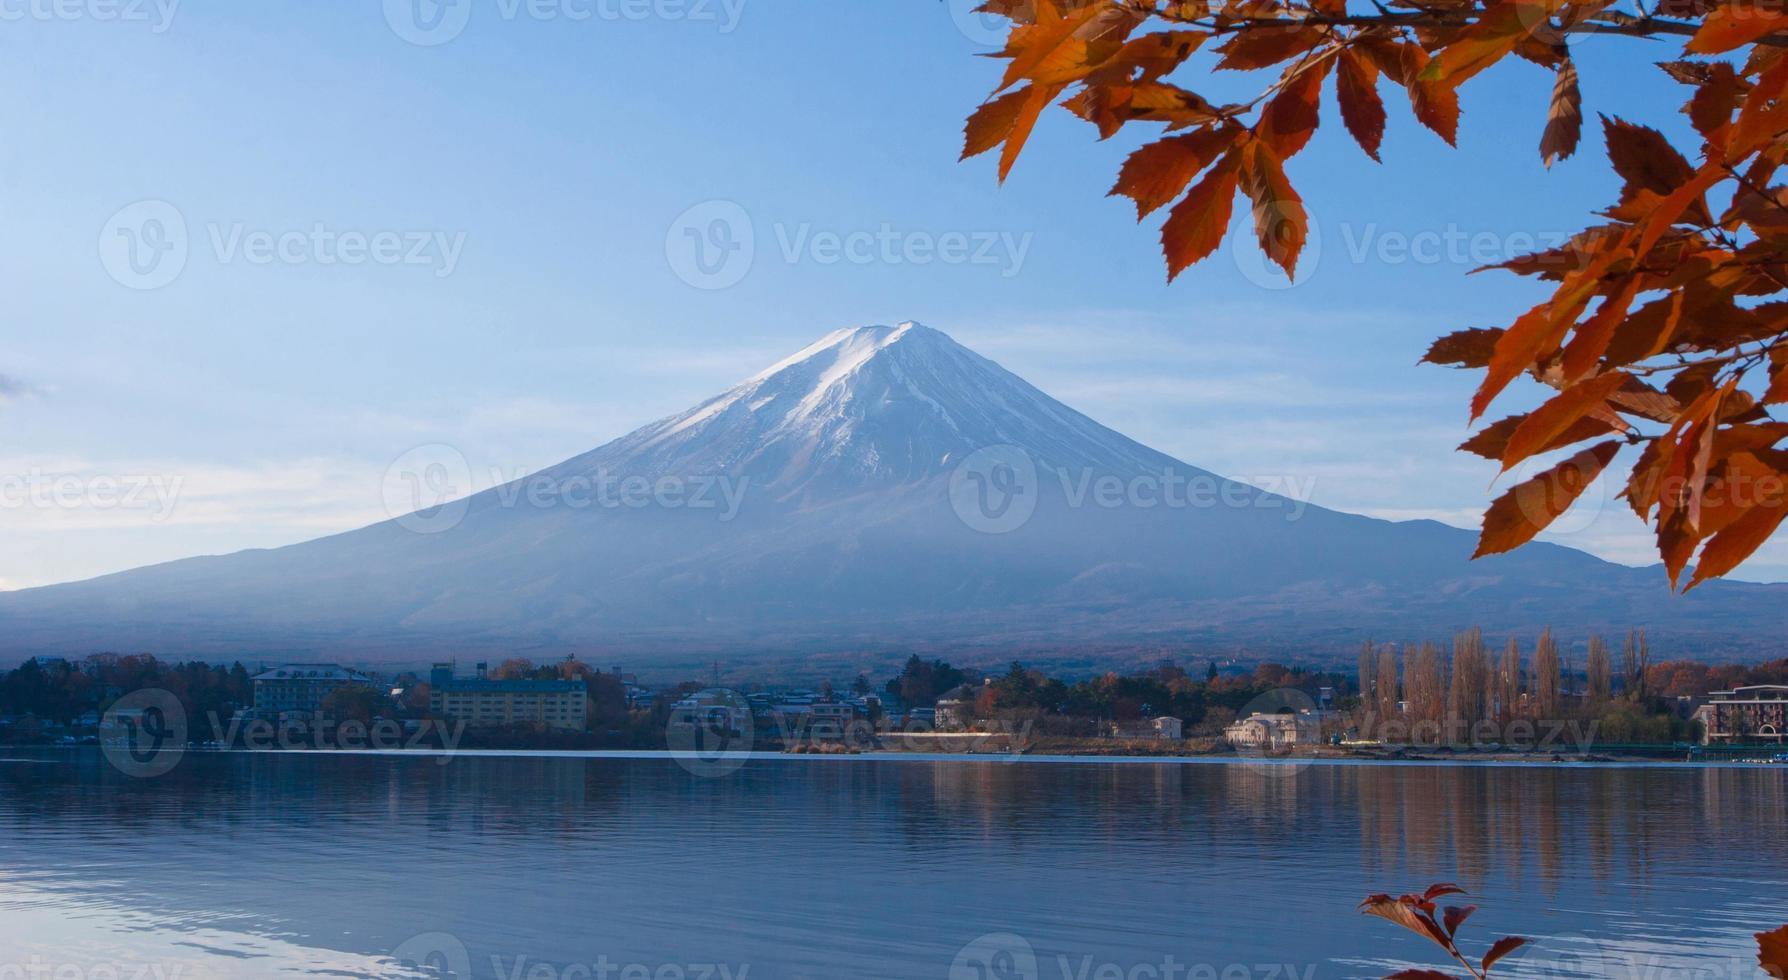 mt. fuji vanuit het uitzicht op het meer Kawaguchi foto